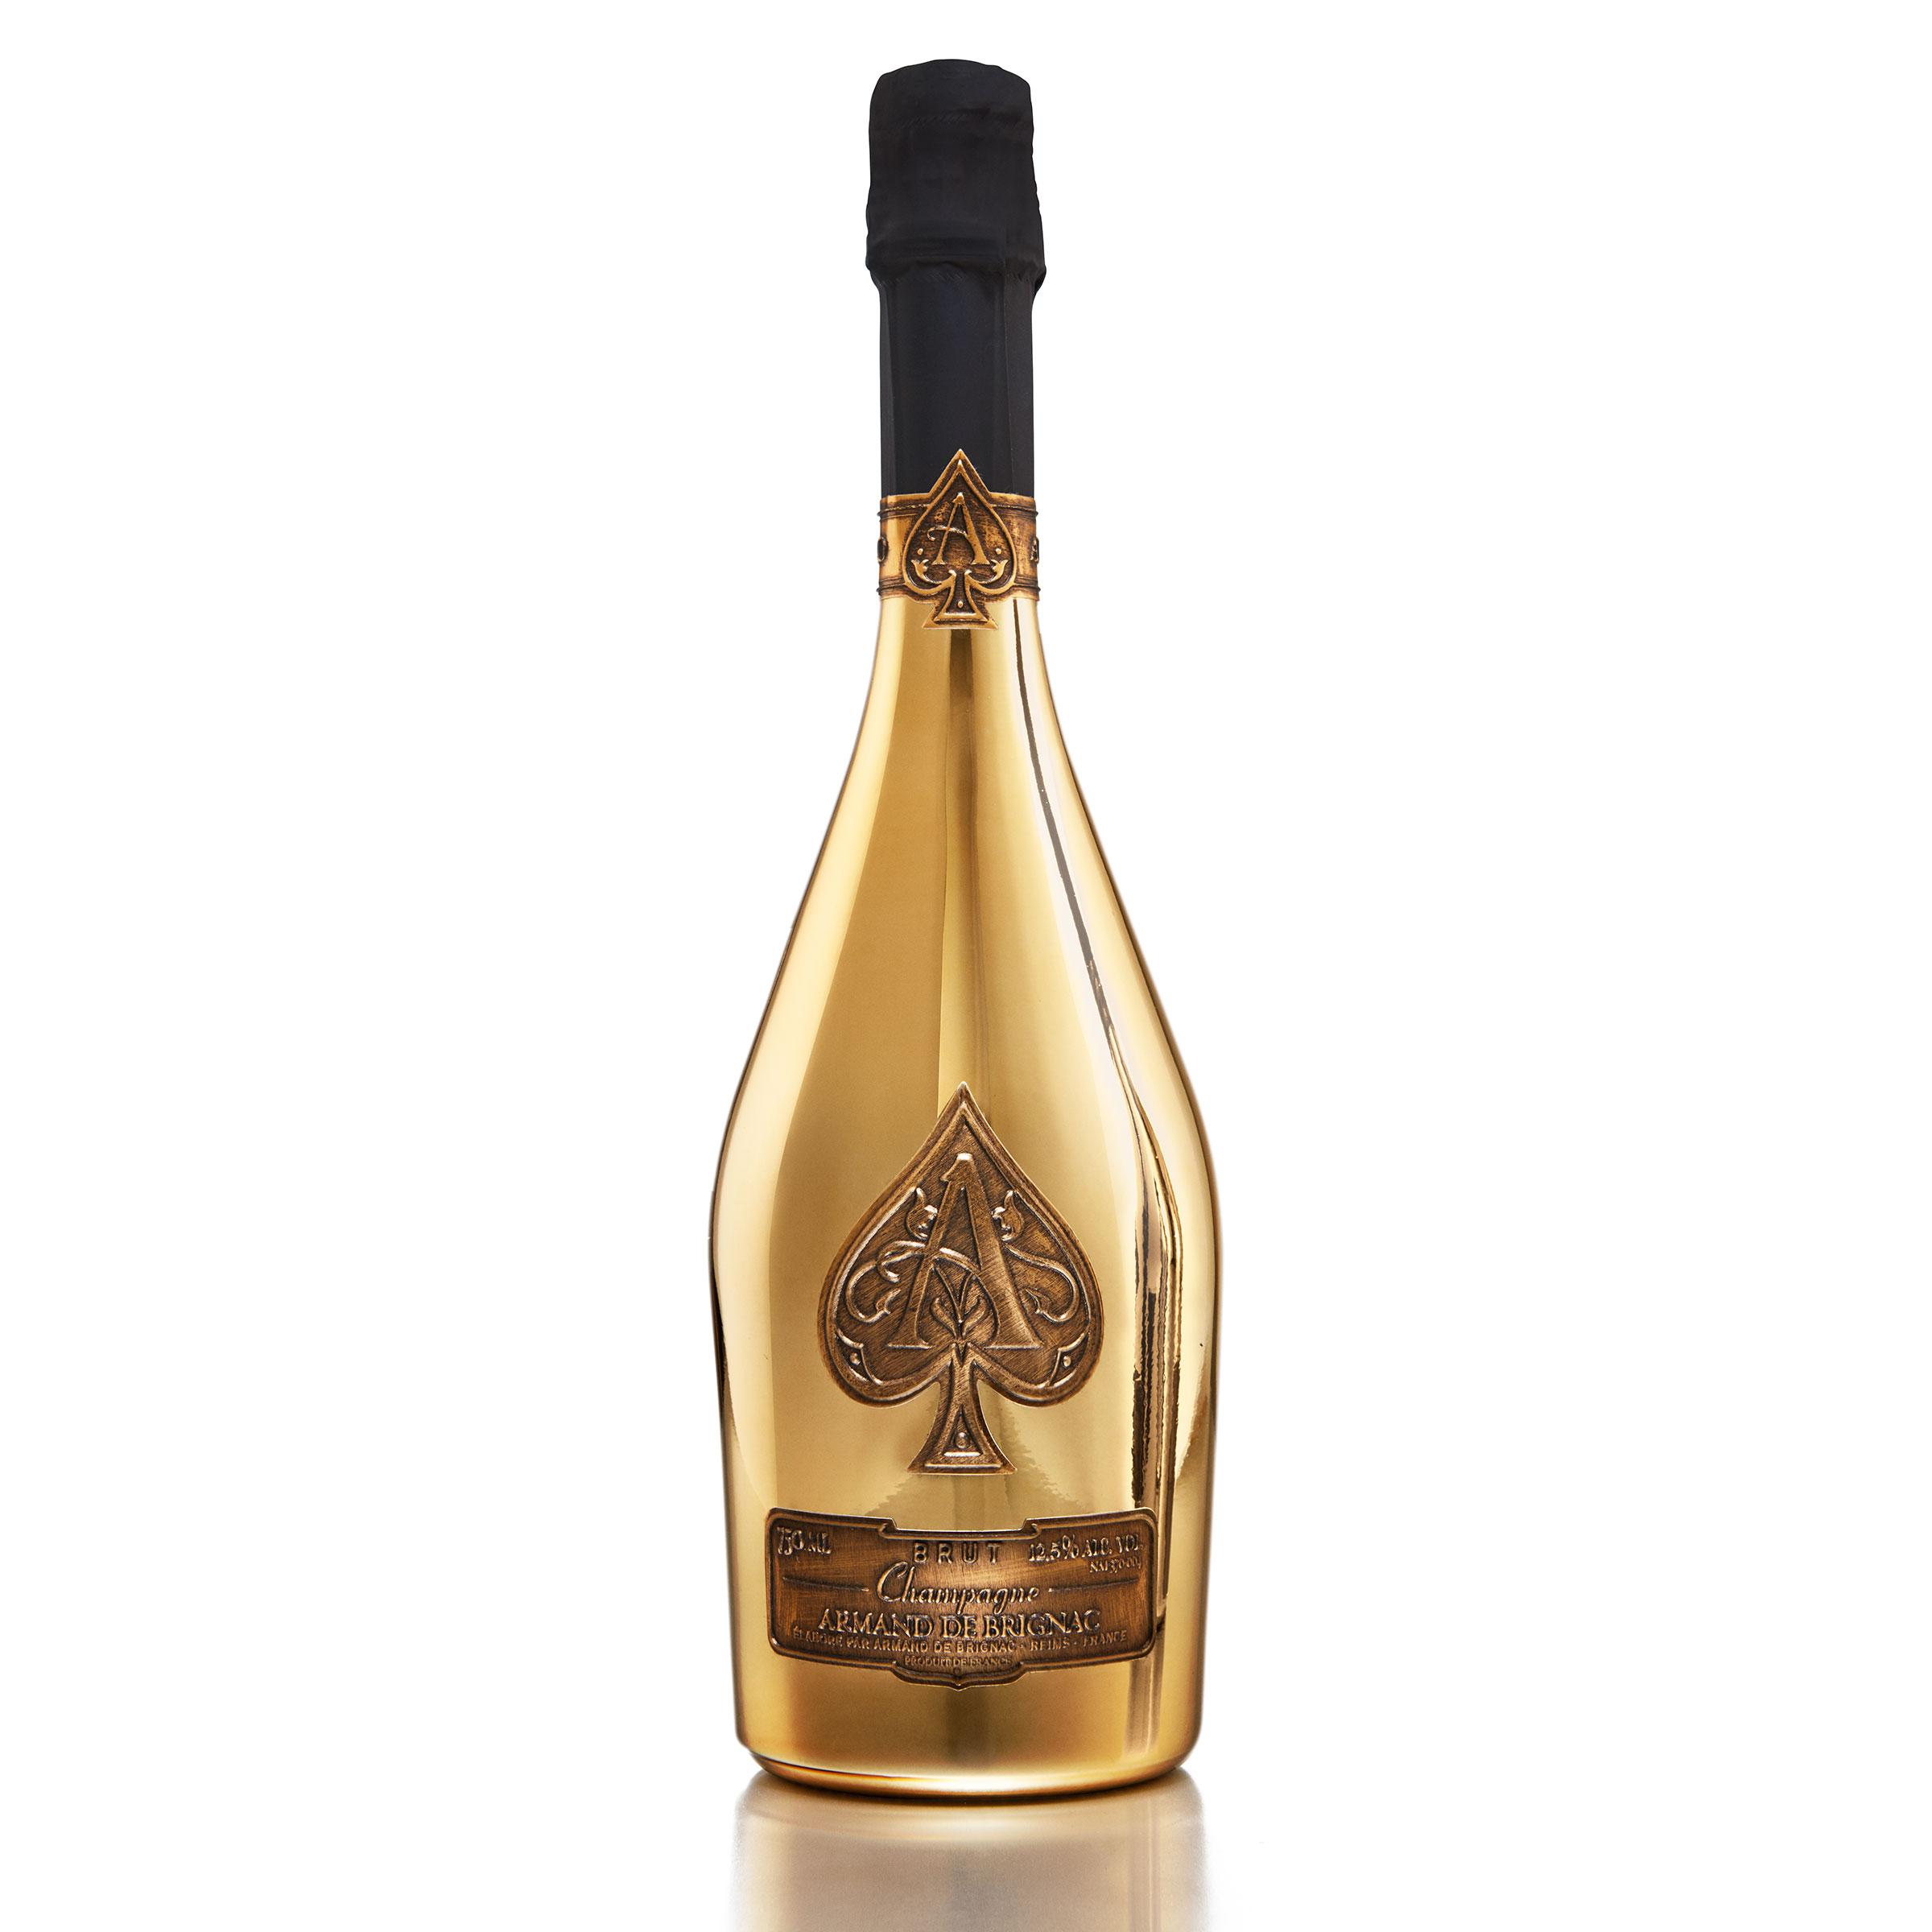 Send Armand De Brignac Brut Gold Champagne 75cl In Branded